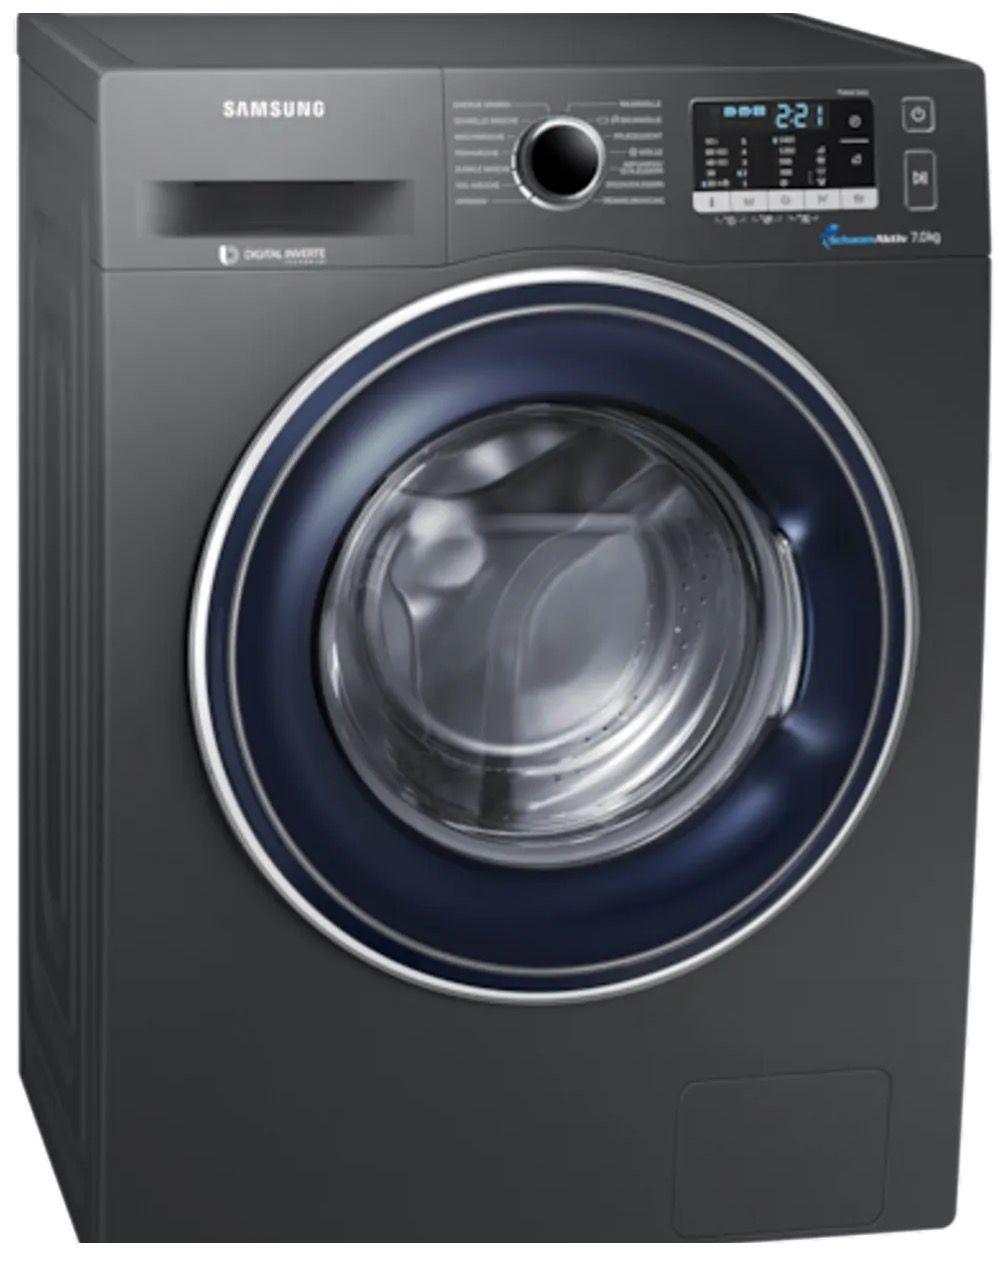 Samsung Waschmaschine Edelstahl (7kg, 1400 U/Min, A+++) für nur 369€ (statt 400€)